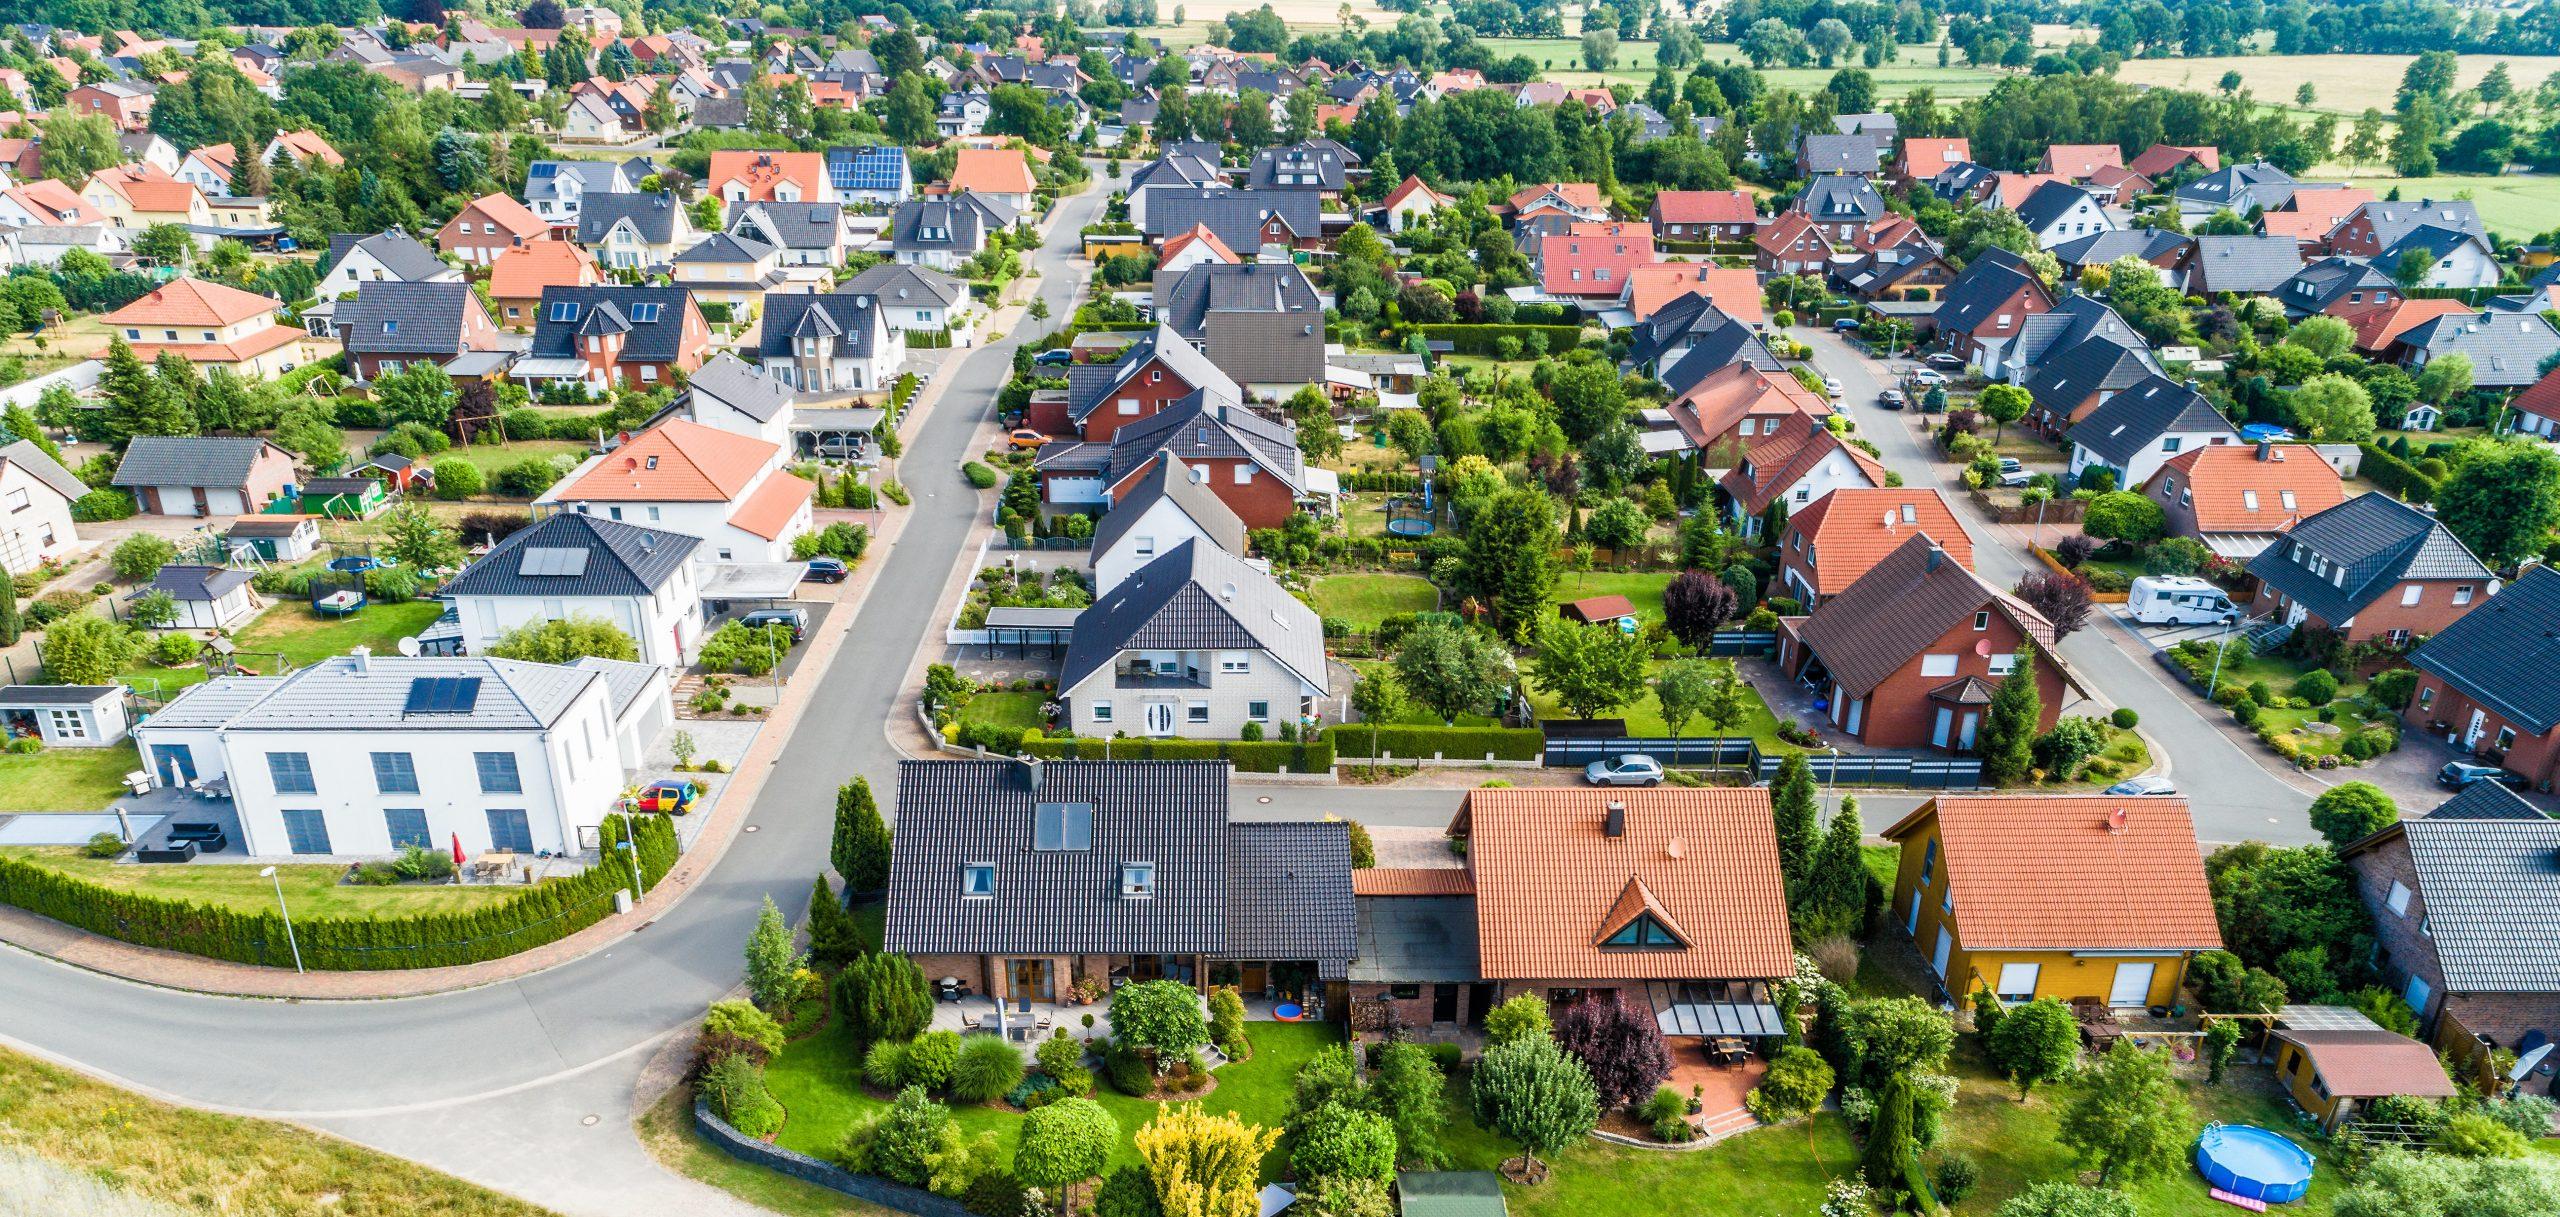 Kompleksy domów jednorodzinnych – wygoda oraz bezpieczeństwo